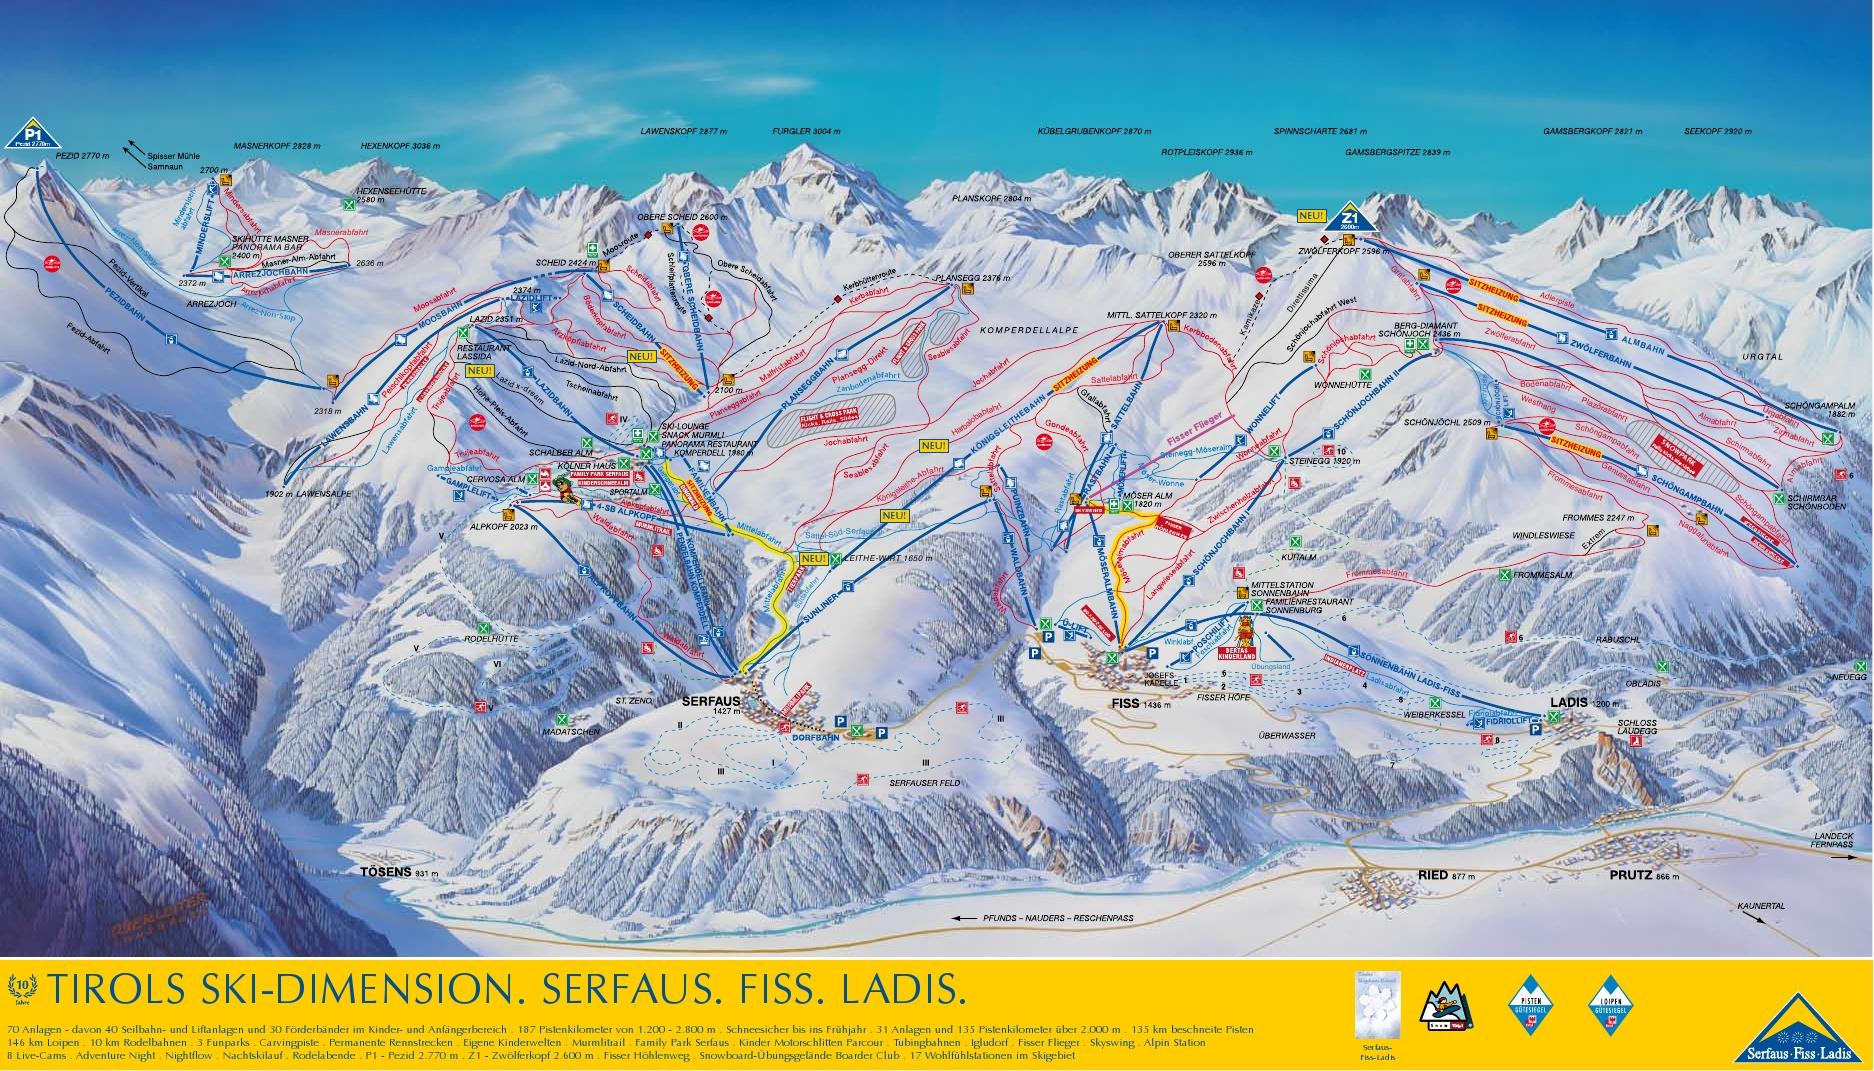 gratis kontakt Ski